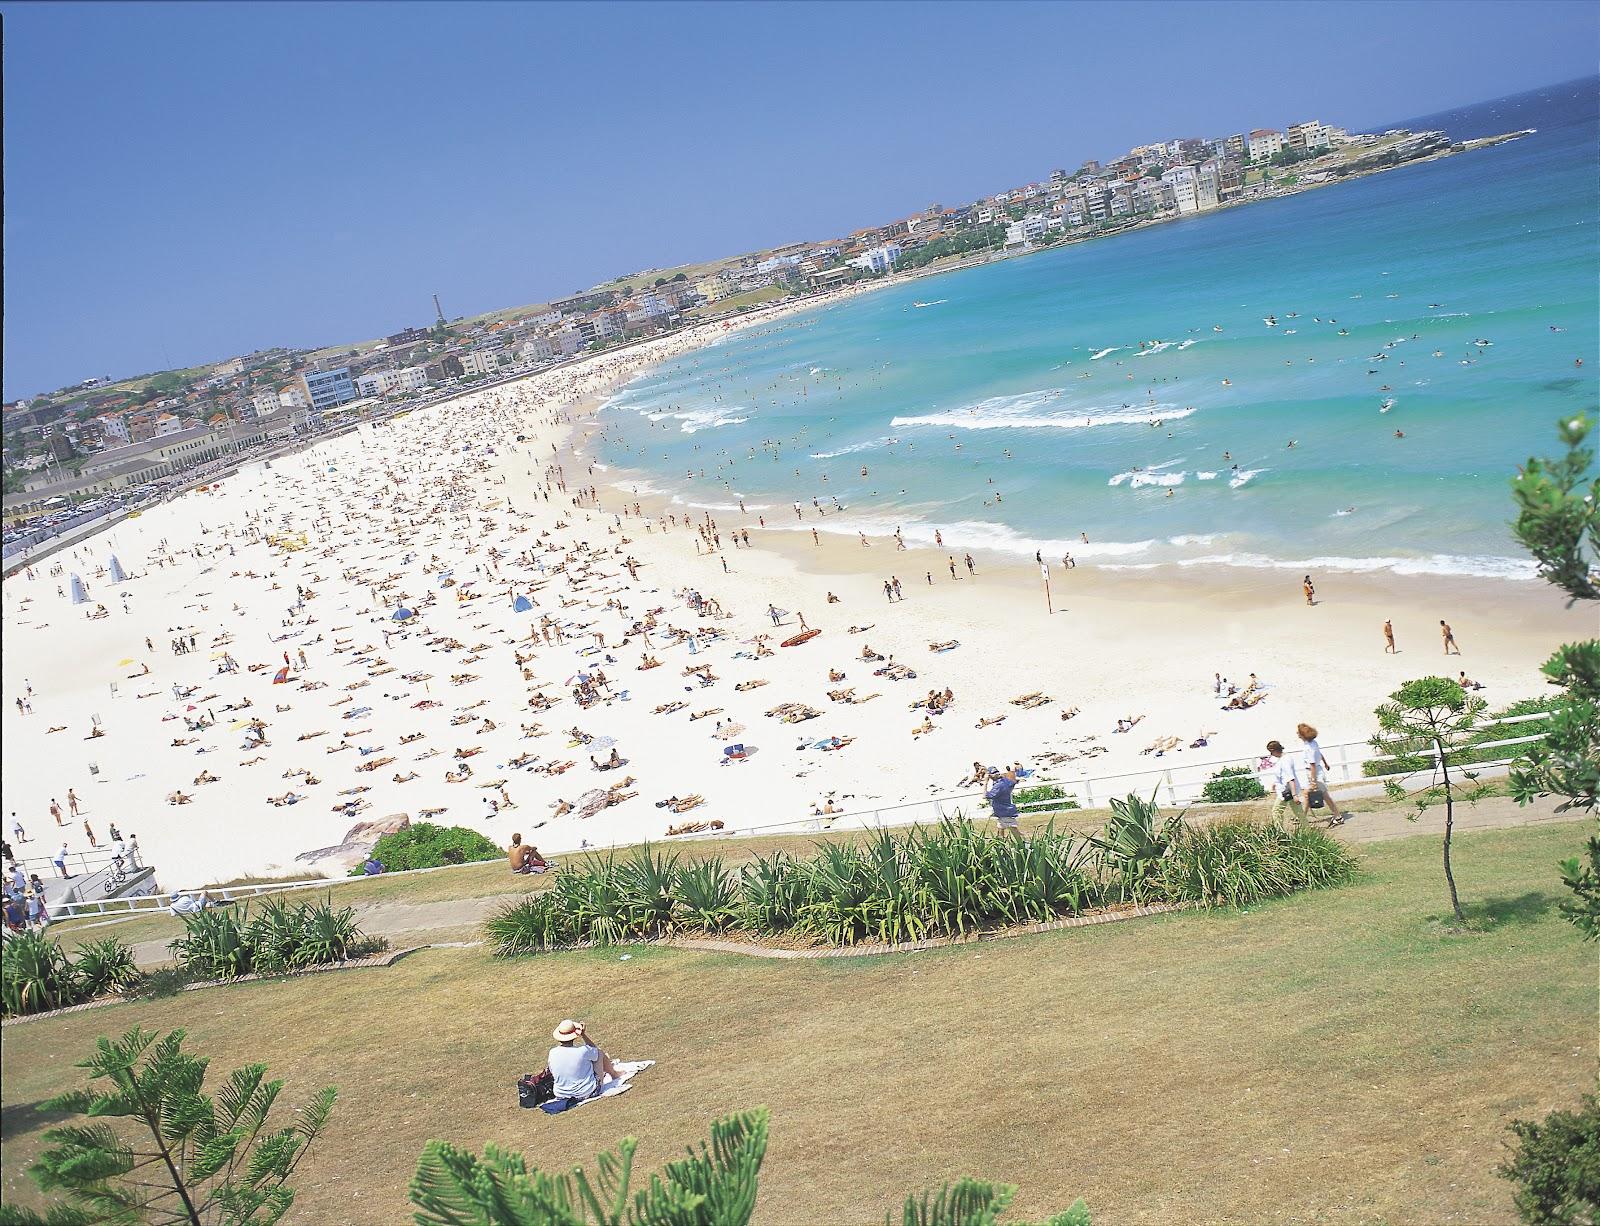 http://2.bp.blogspot.com/-pC70I-UBn1k/T0sMsQ5z2_I/AAAAAAAAAOM/moTGQV5O1Ds/s1600/Bondi+Beach1.jpg